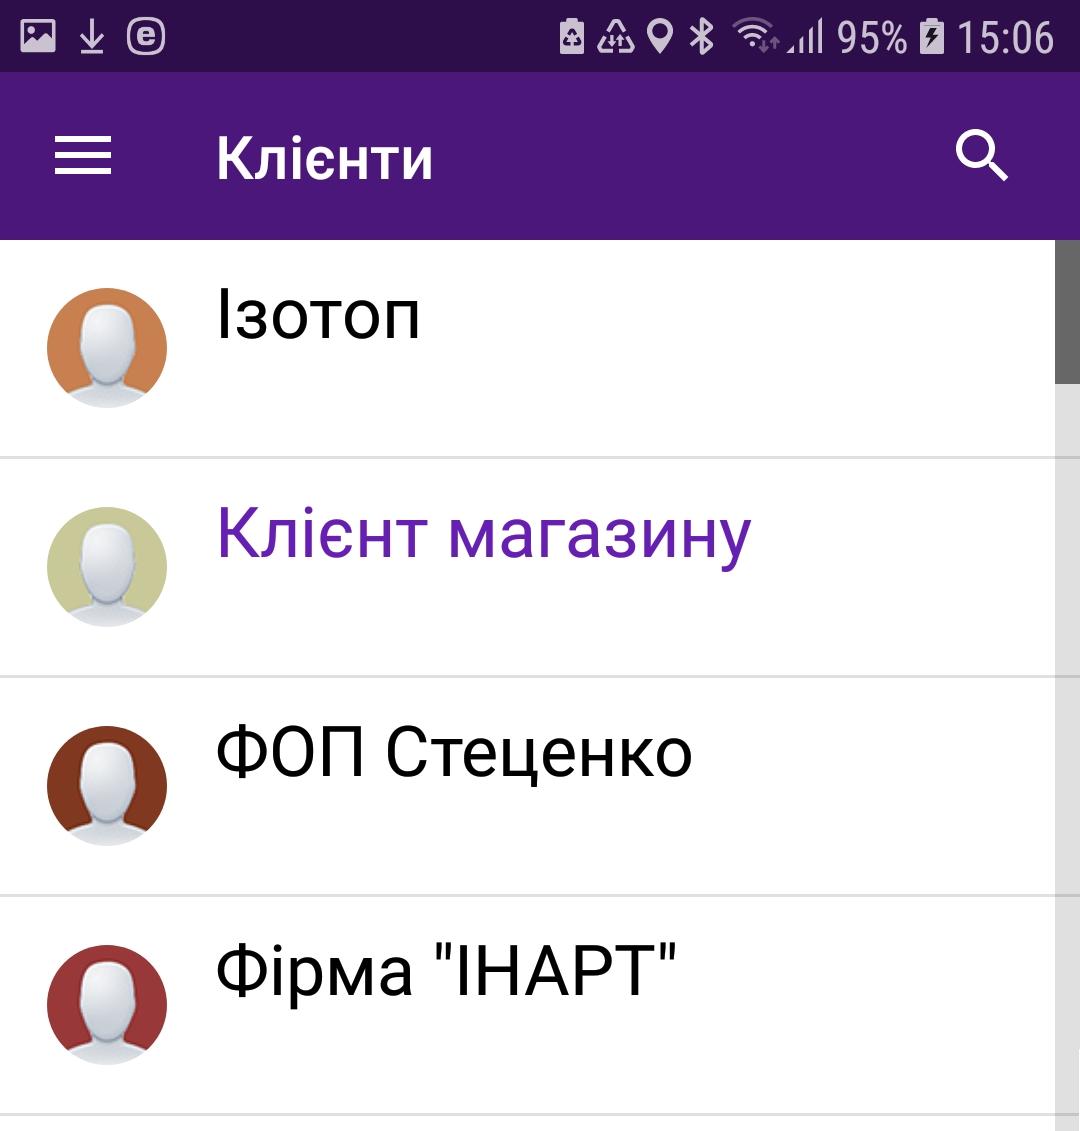 Список клиентов